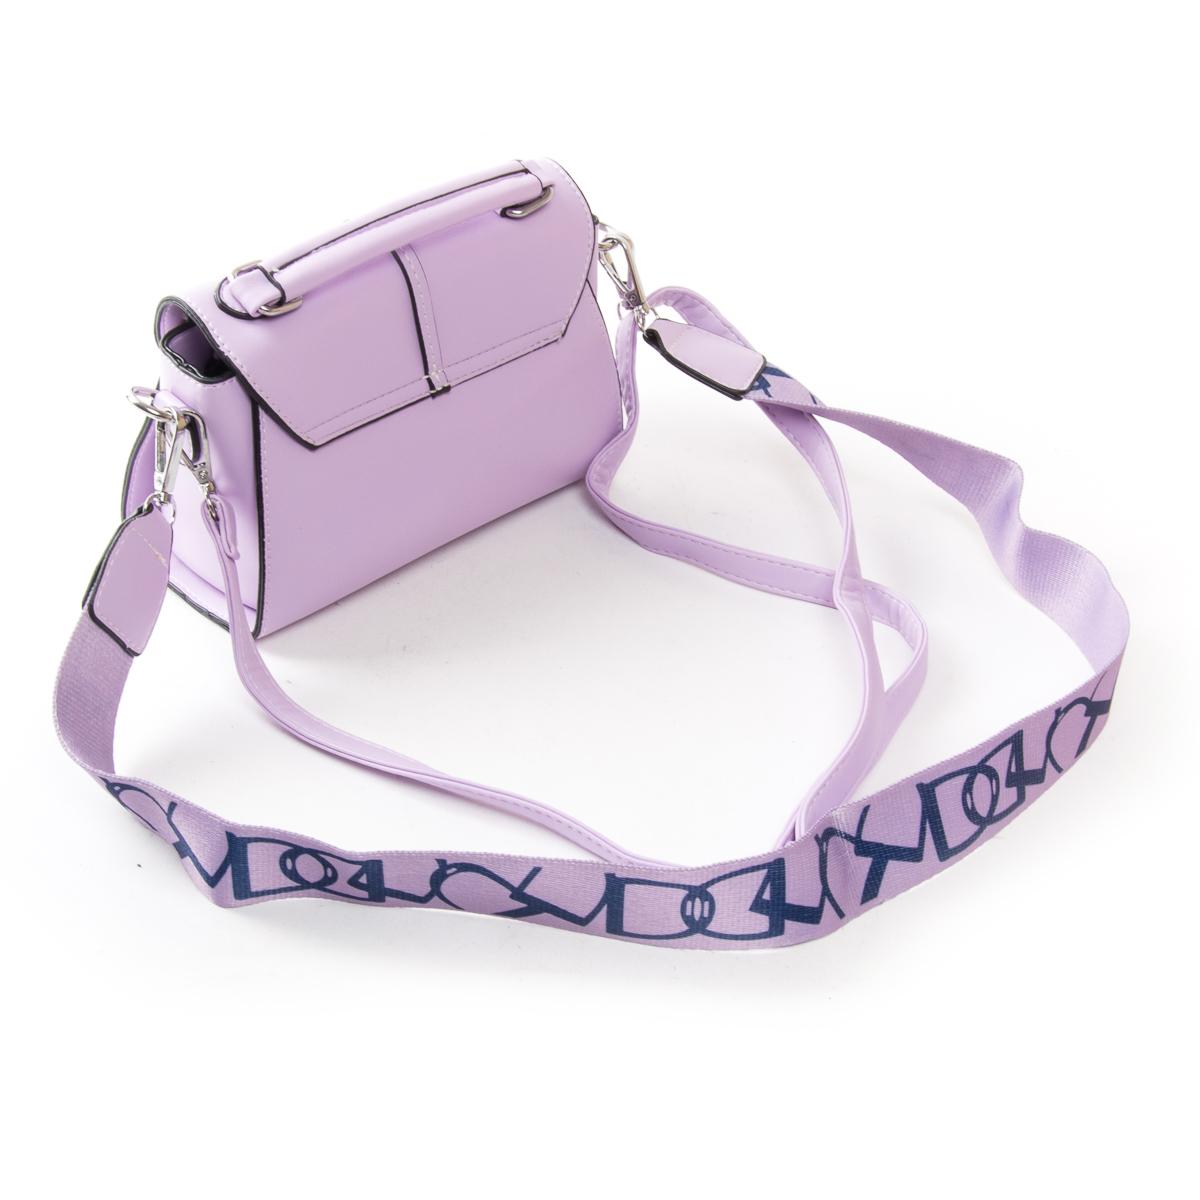 Сумка Женская Классическая иск-кожа FASHION 01-00 9908 purple - фото 4